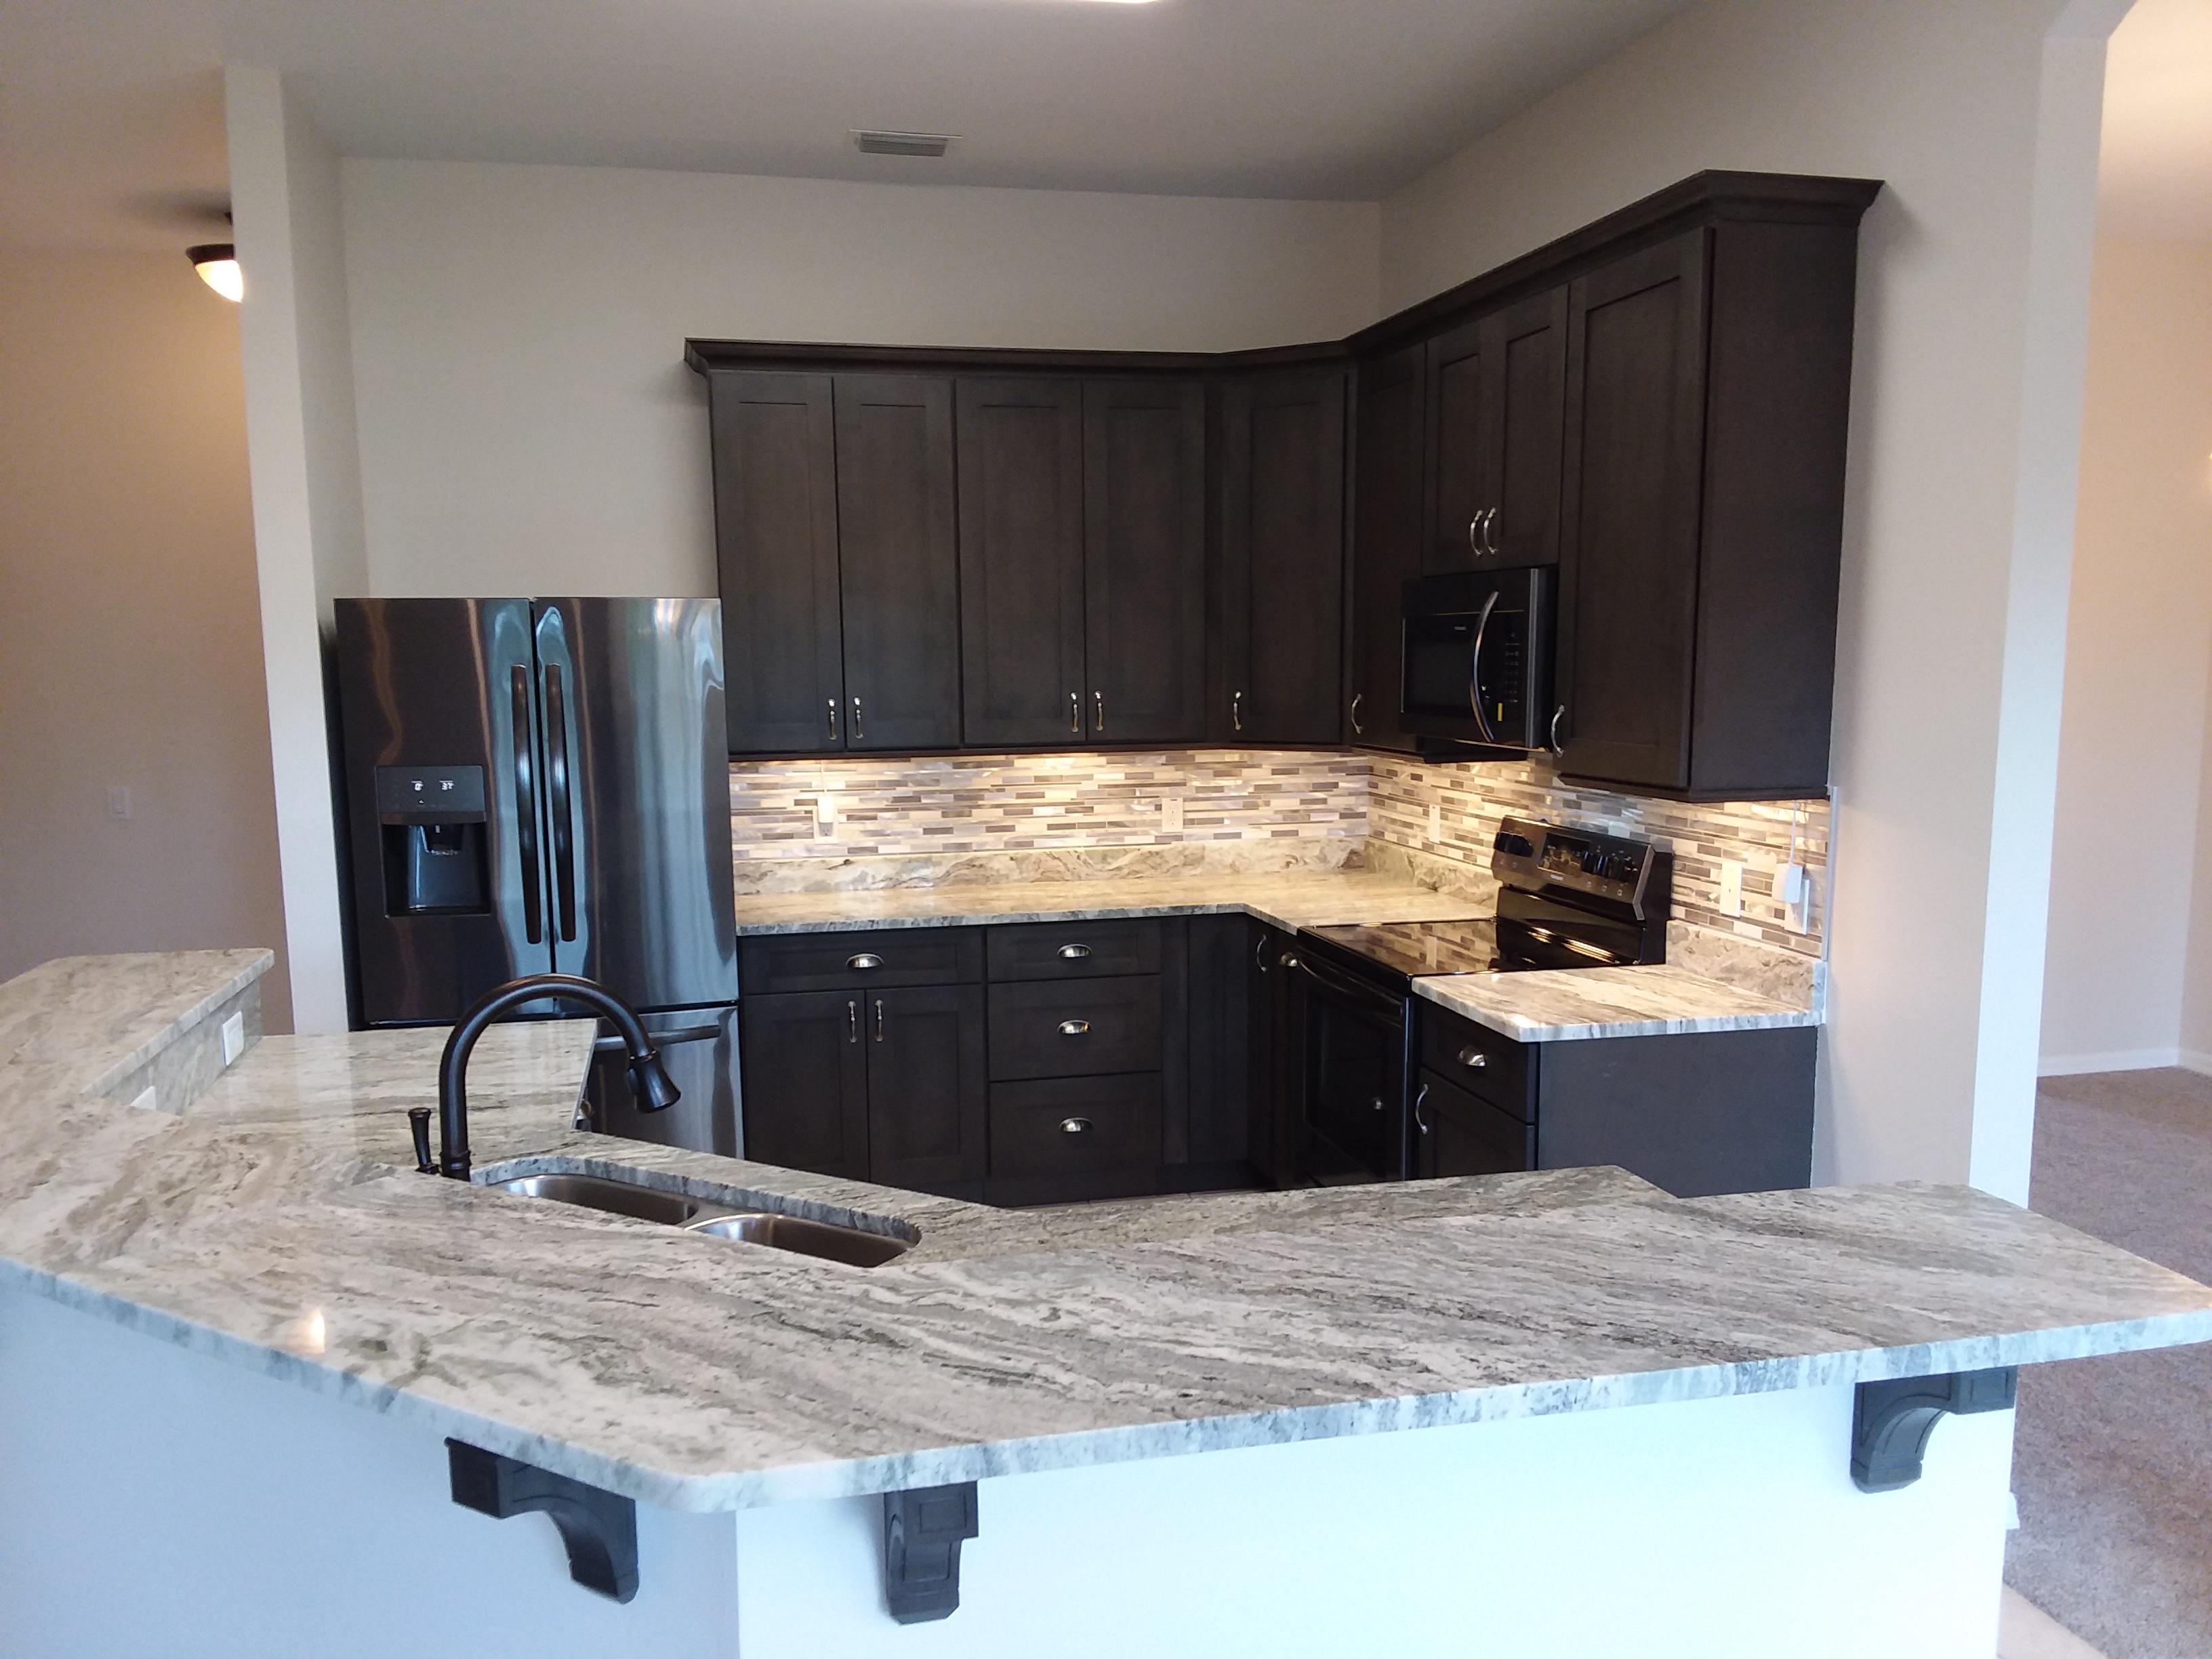 freschi fl please tile naples visit quartz granite our blog refacing services countertops glass tops cabinet